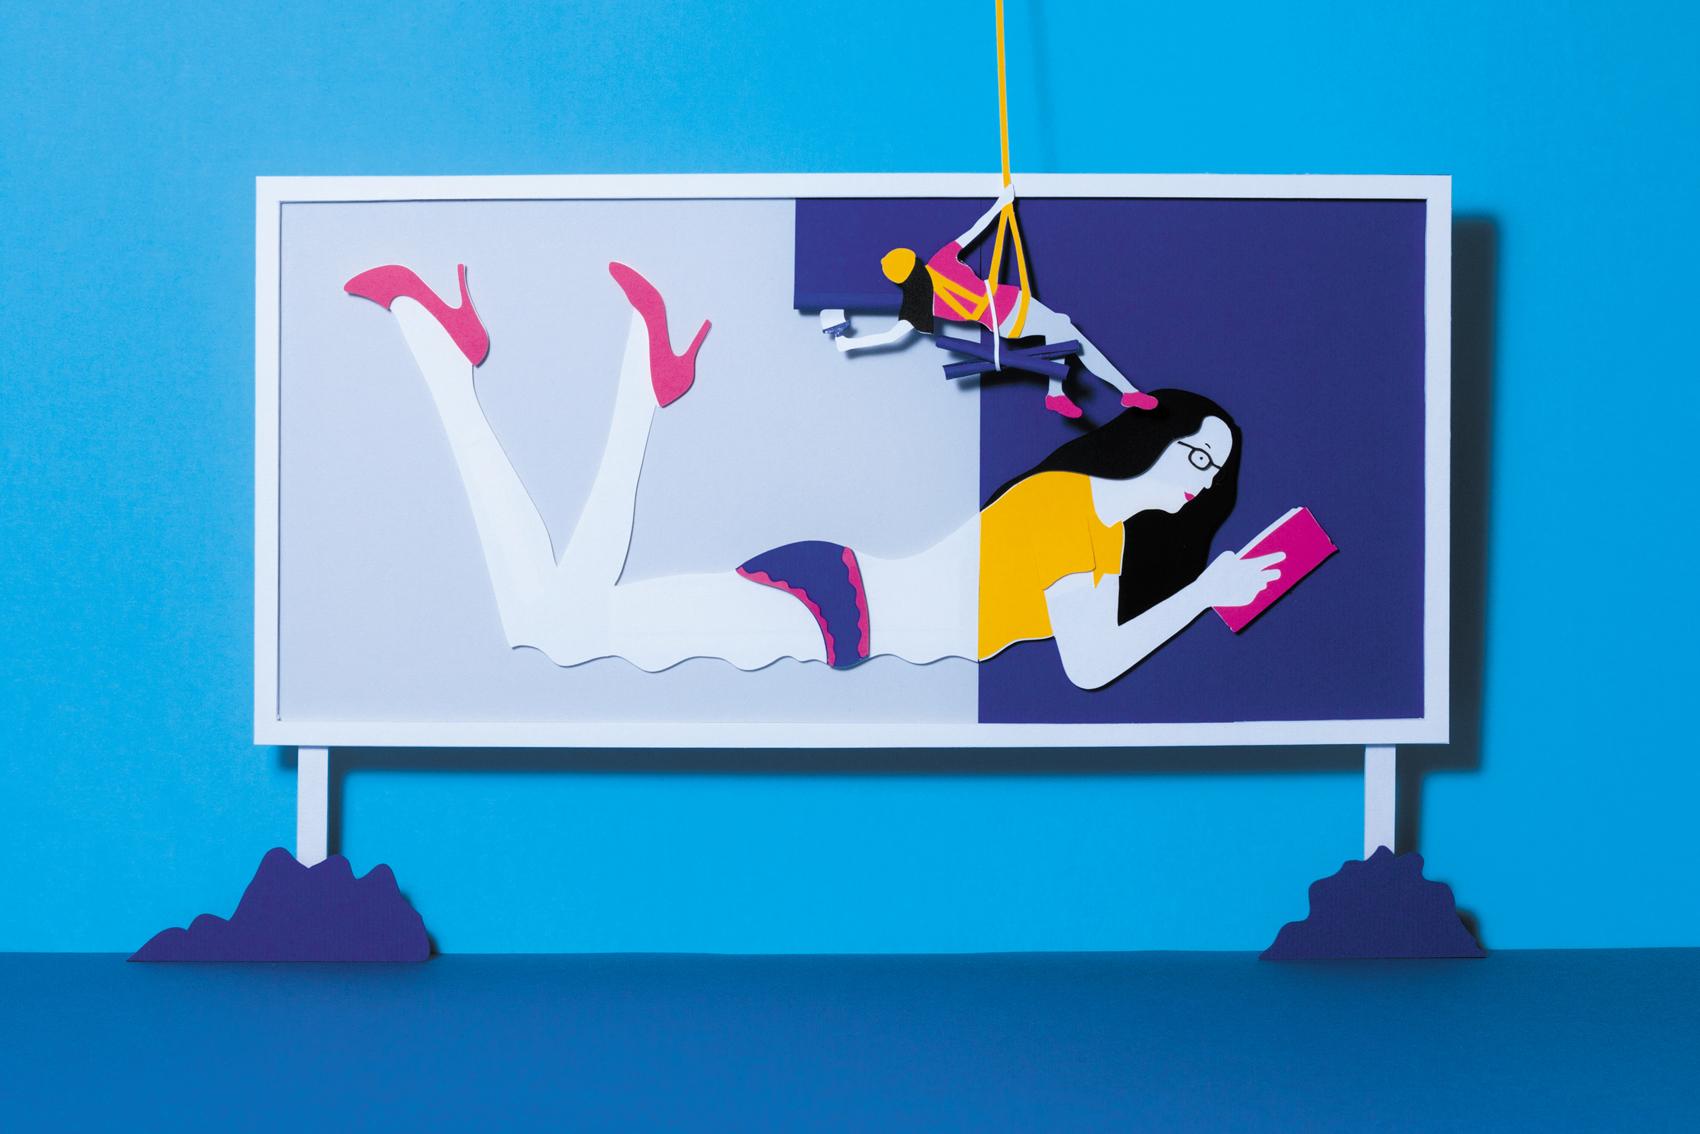 FootwearNewsBillboard.jpg